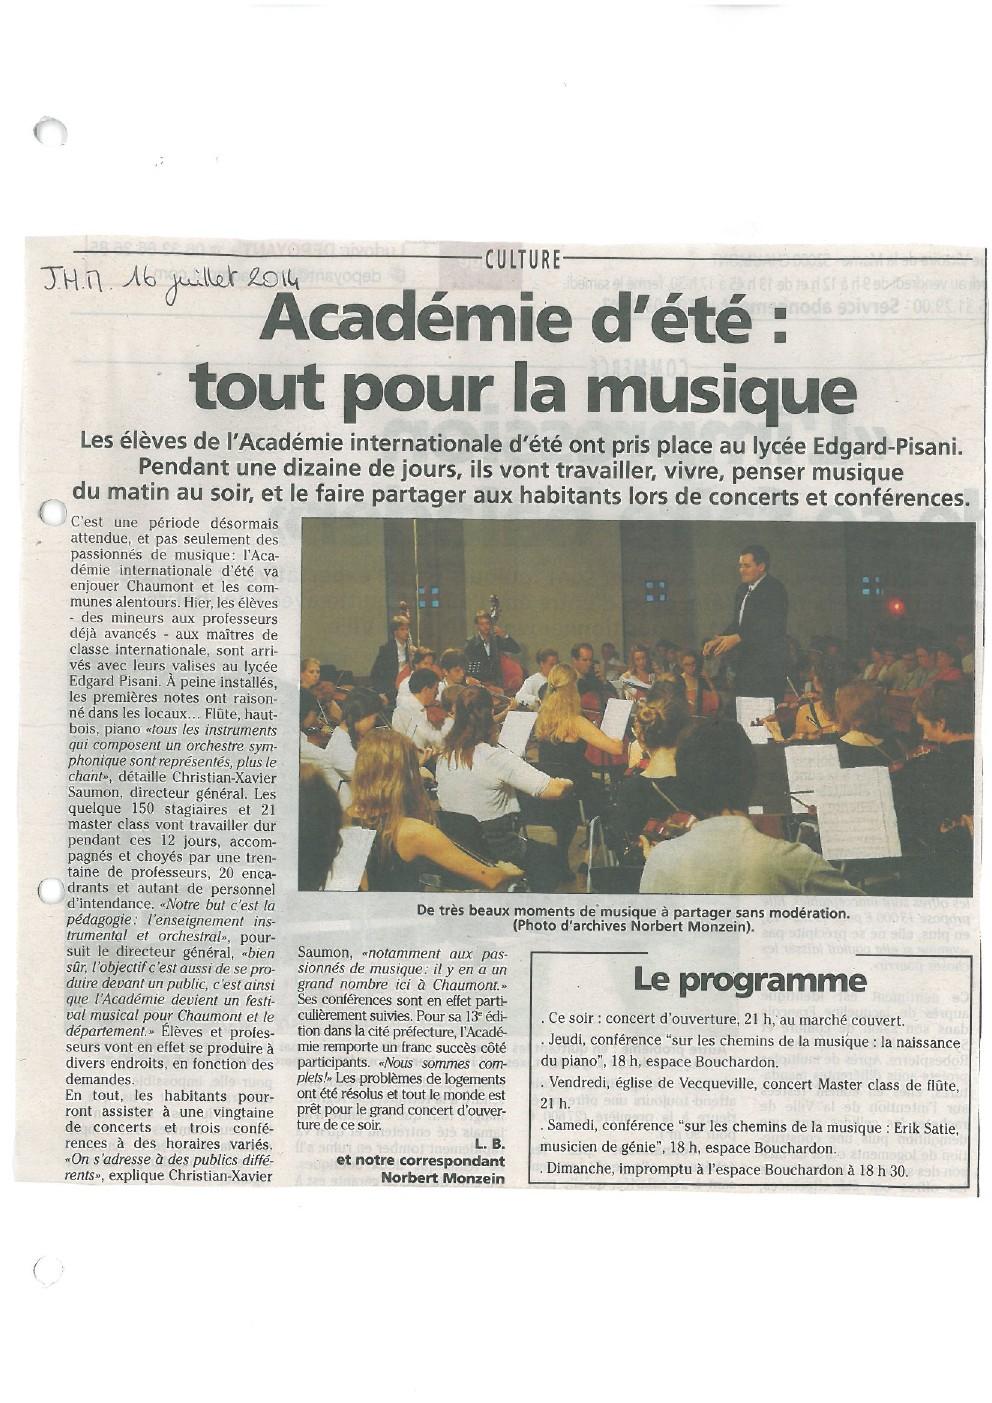 2014-academie-ete-tout-pour-musique.jpg